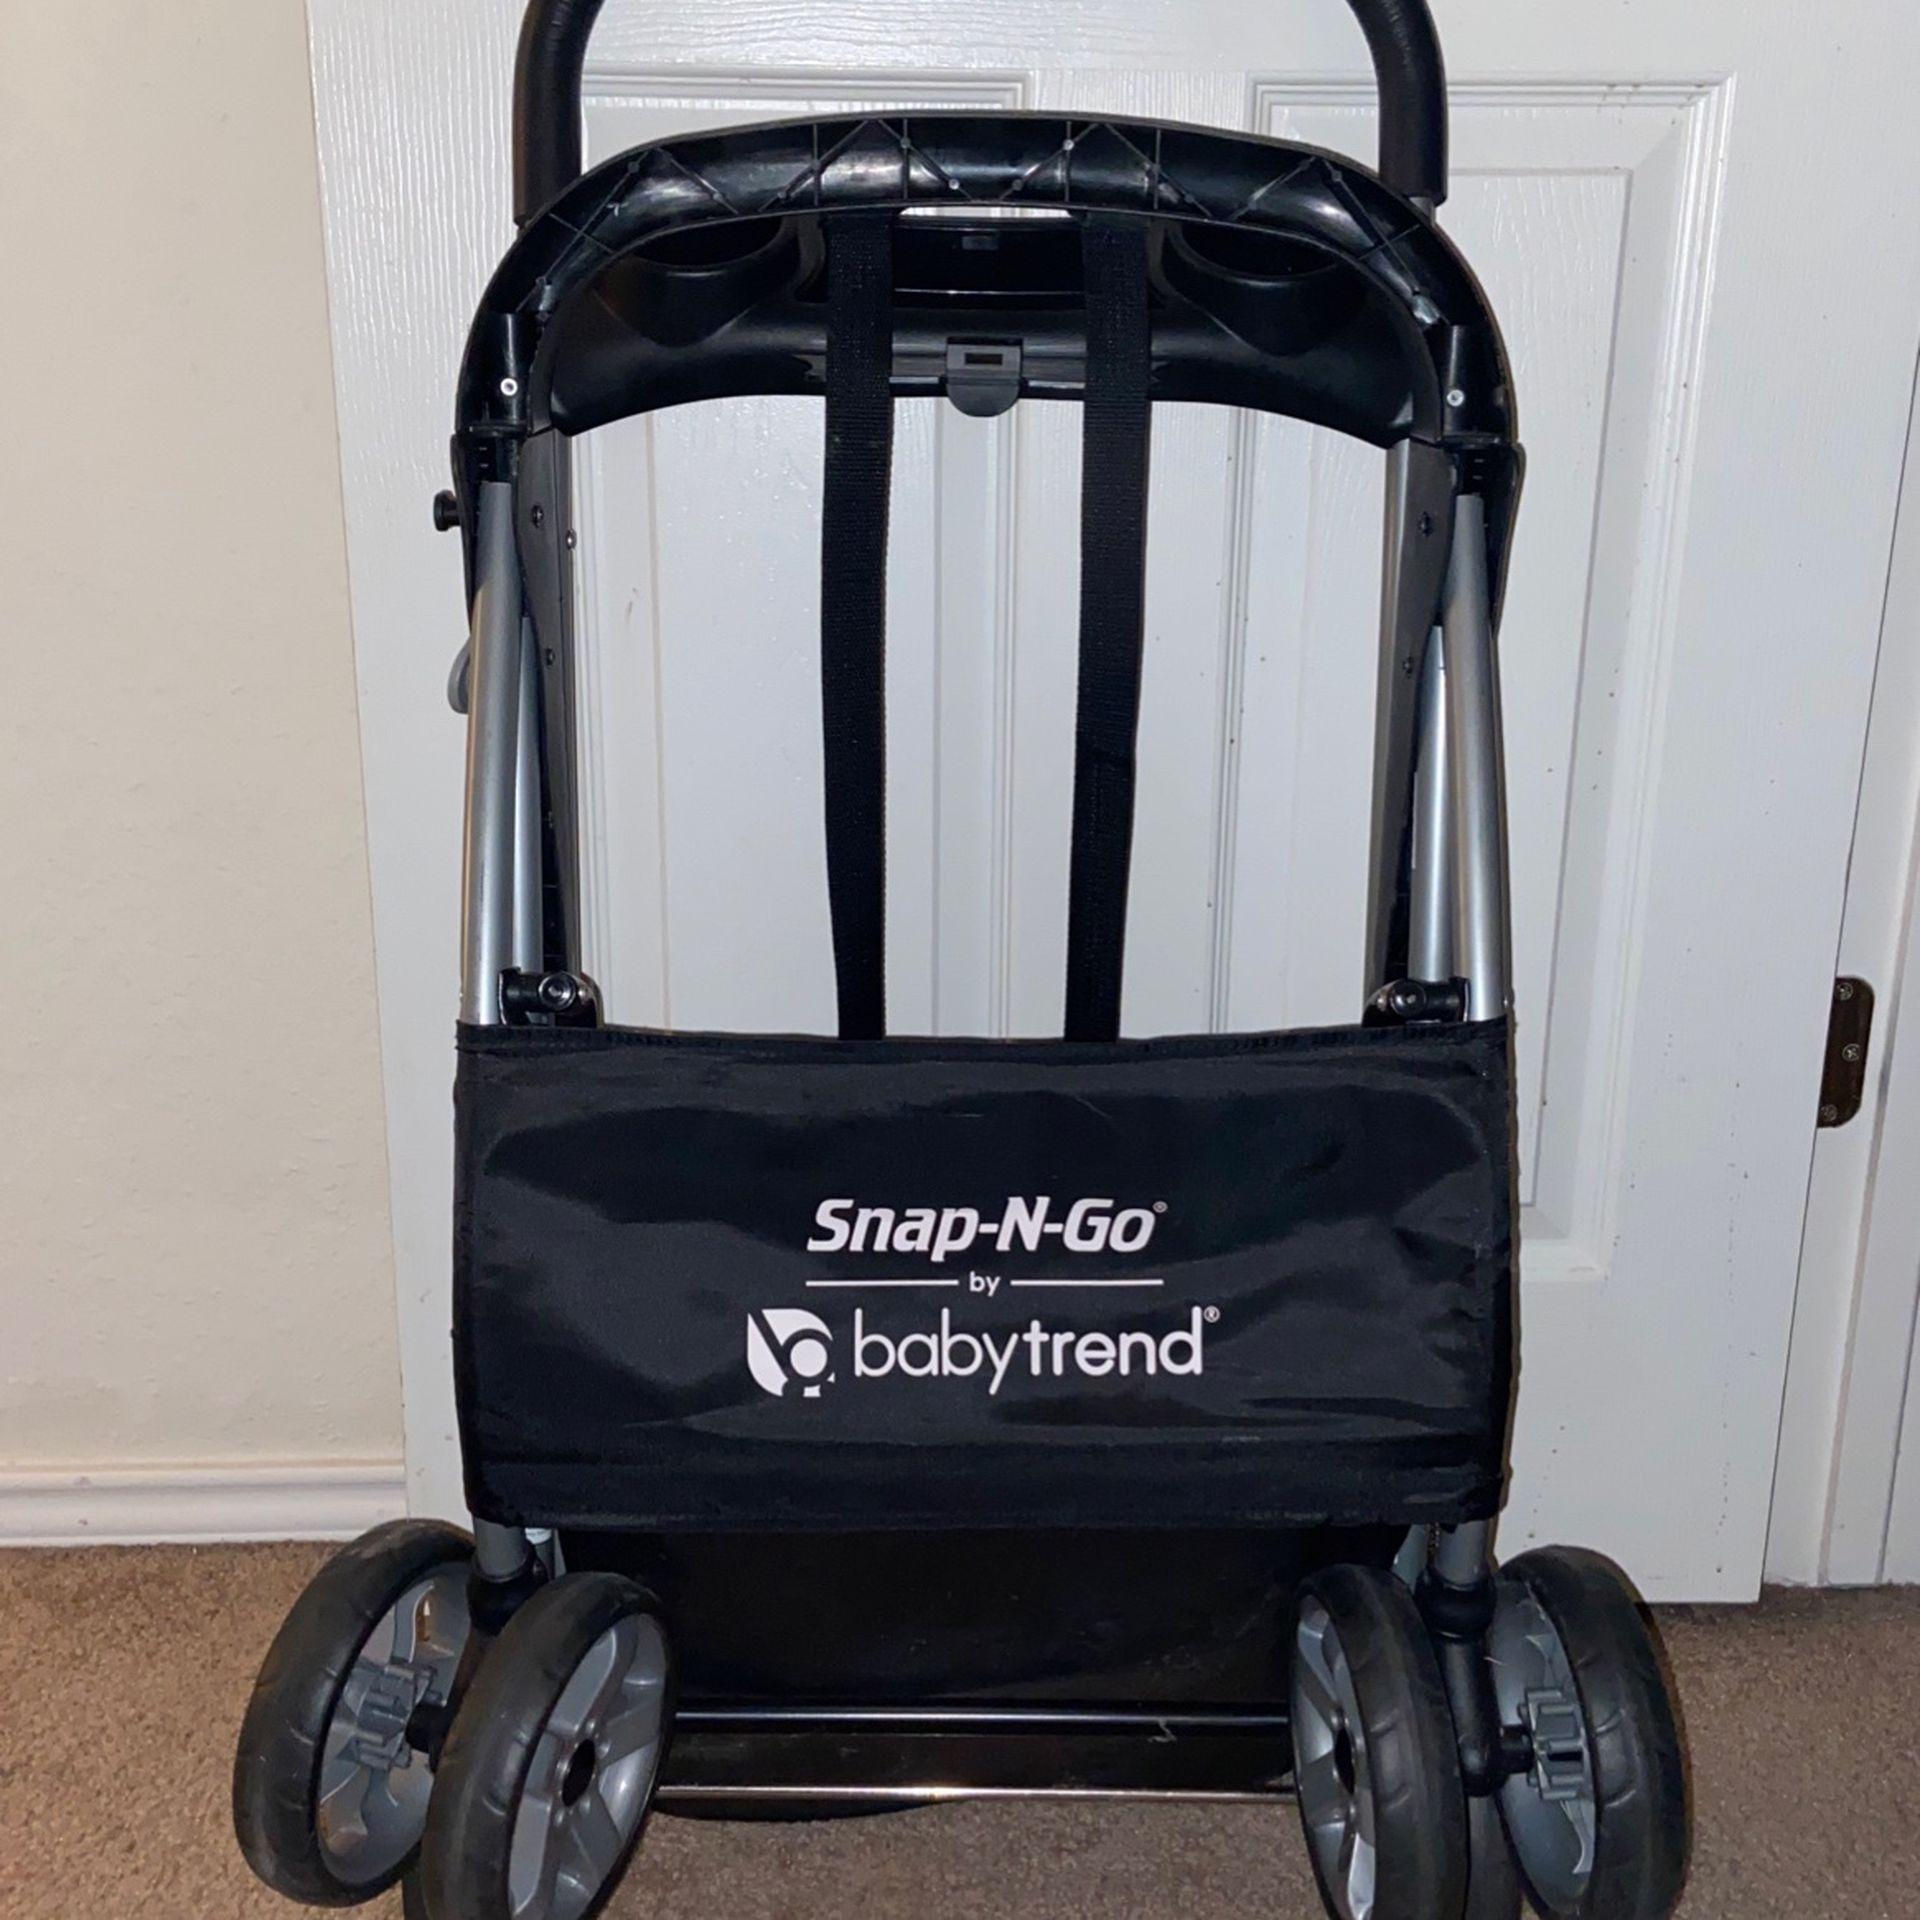 Snap & Go Baby Trend Stroller